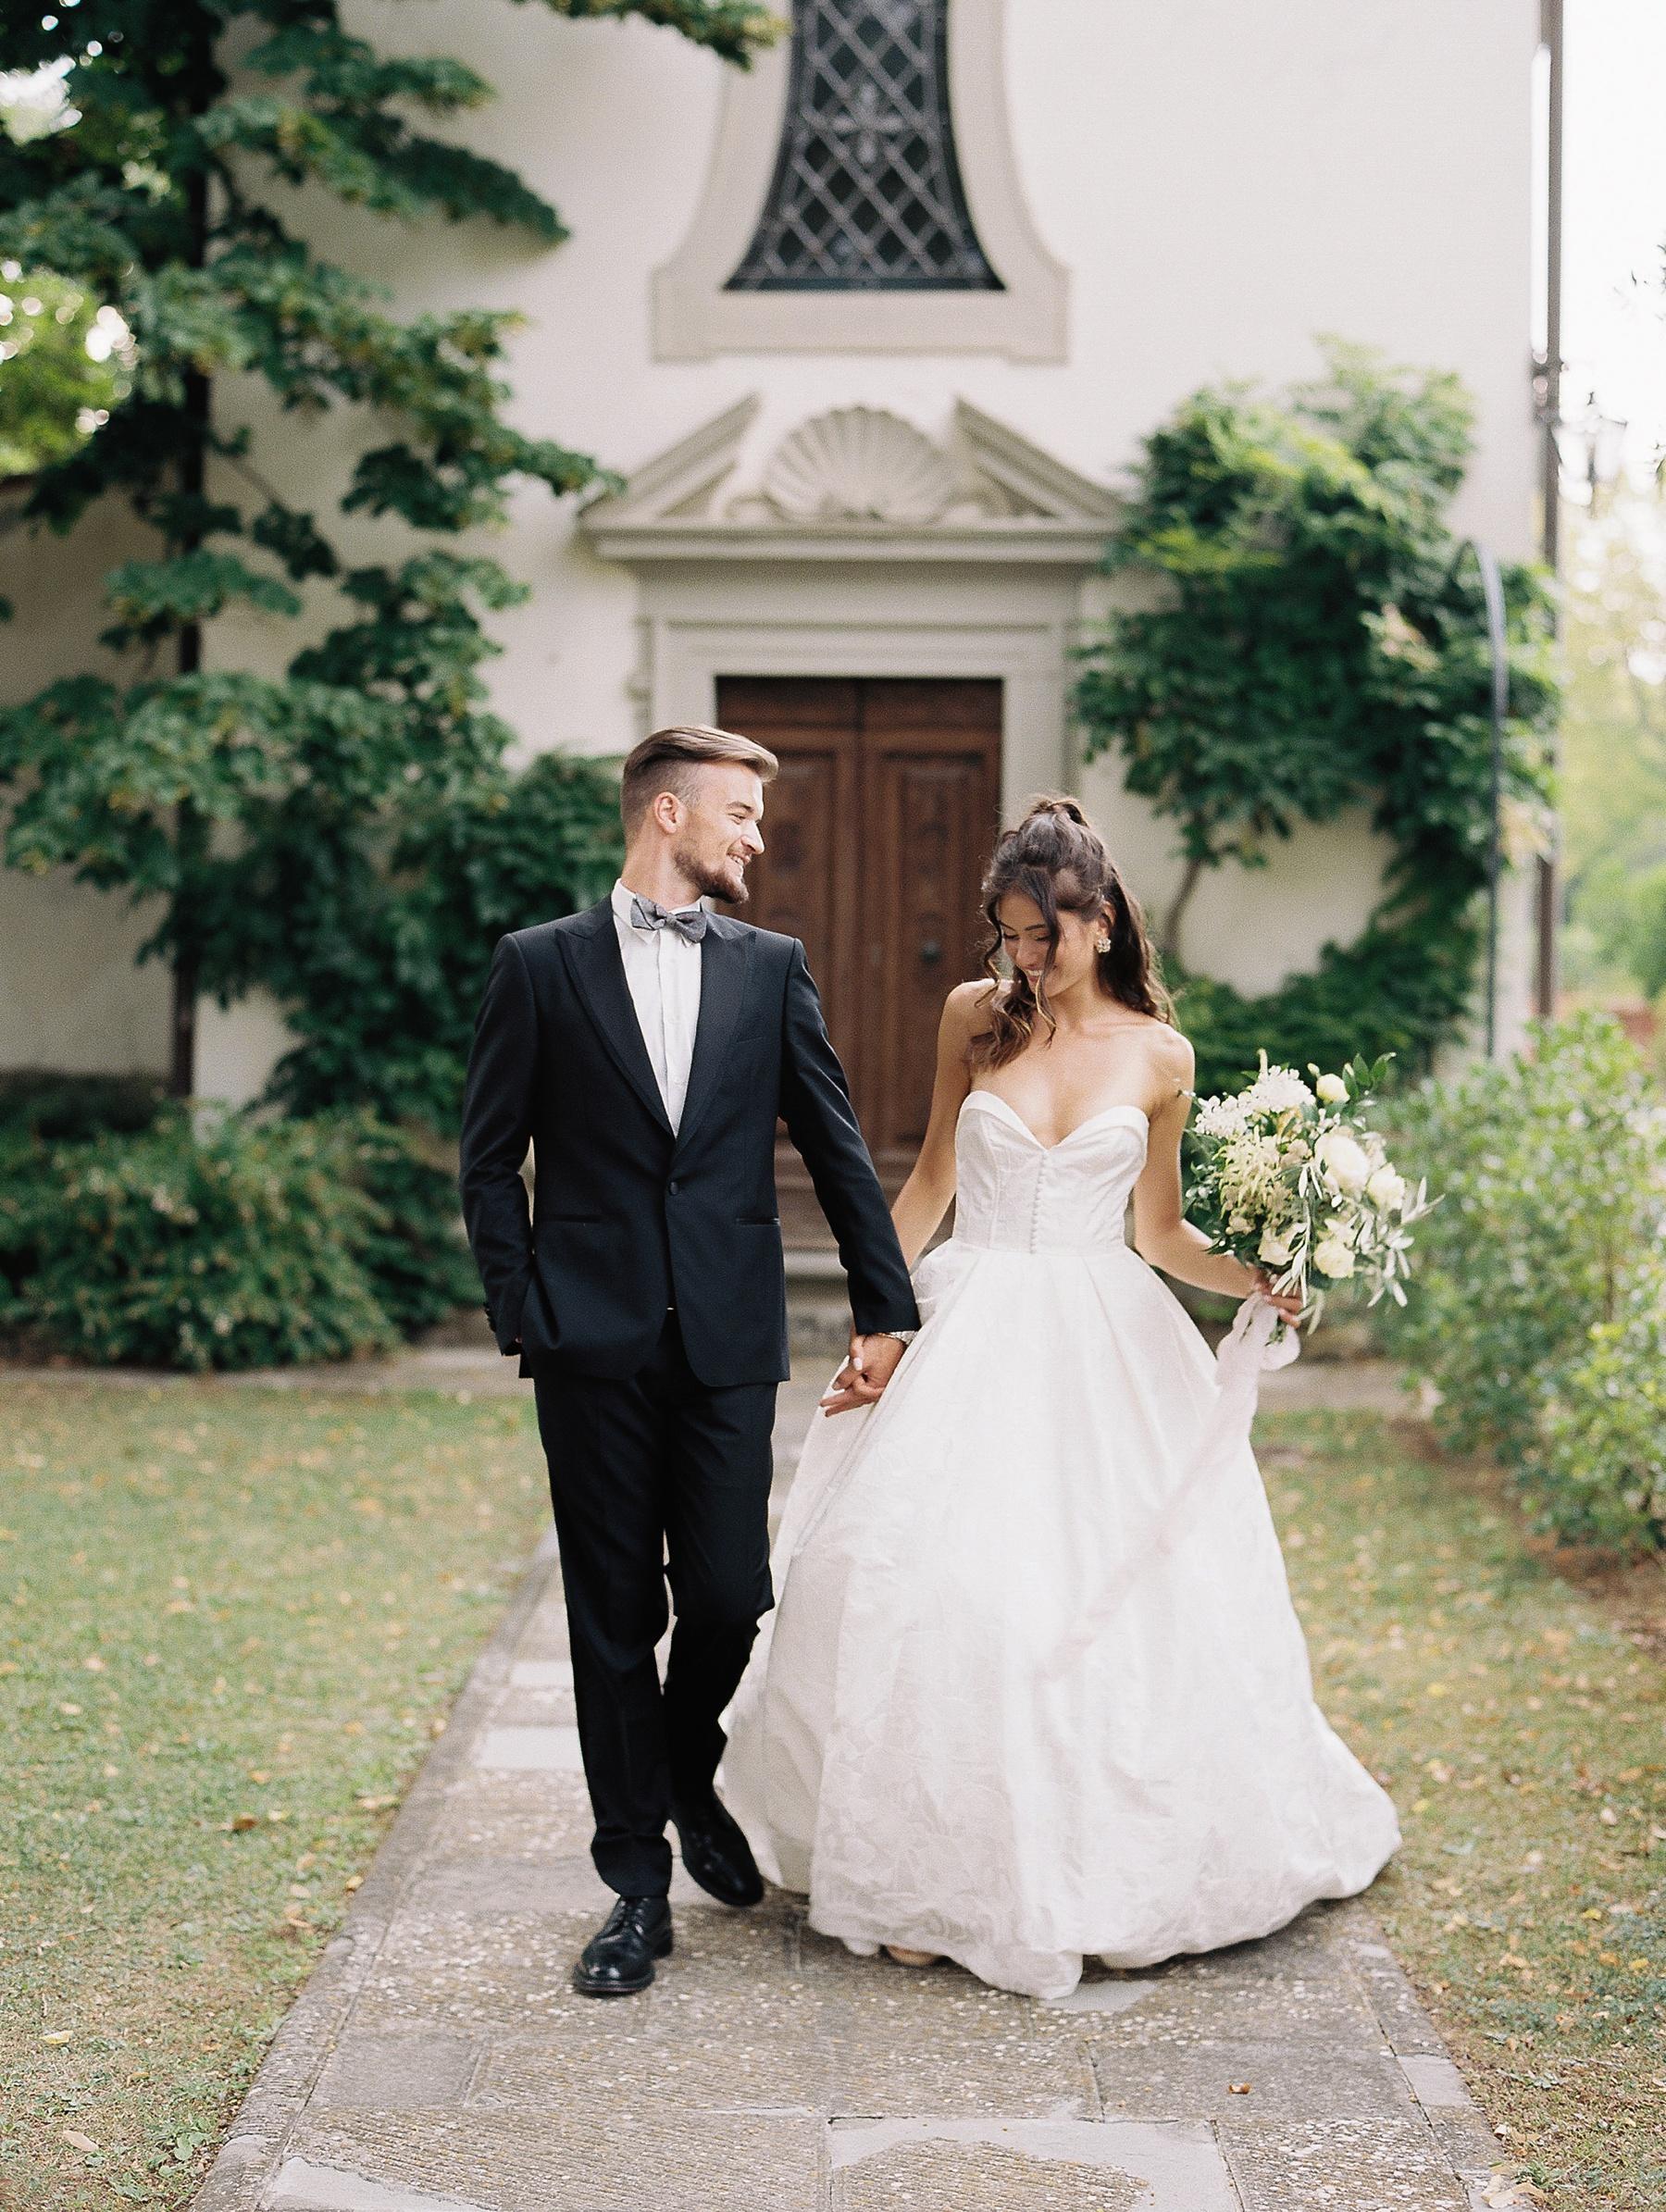 Il Borro Tuscany Italy Wedding Photographer_0829.jpg